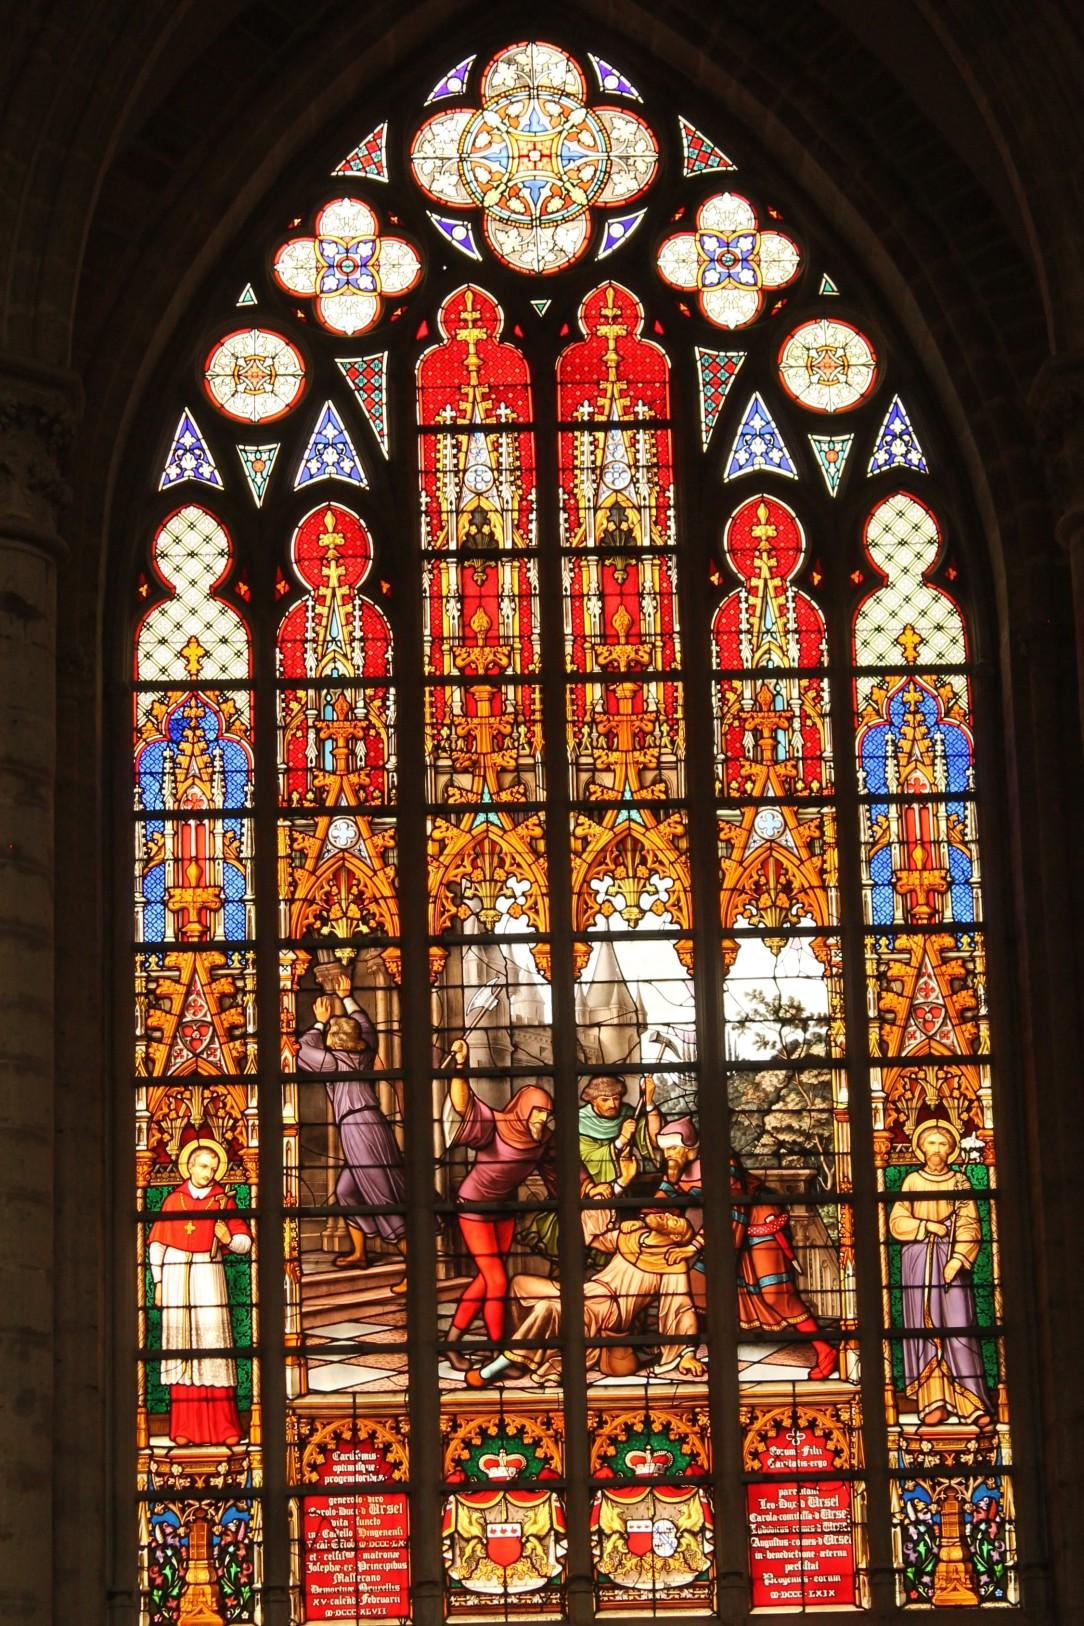 Vitraliu din Catedrala Saint Michel et Gudule